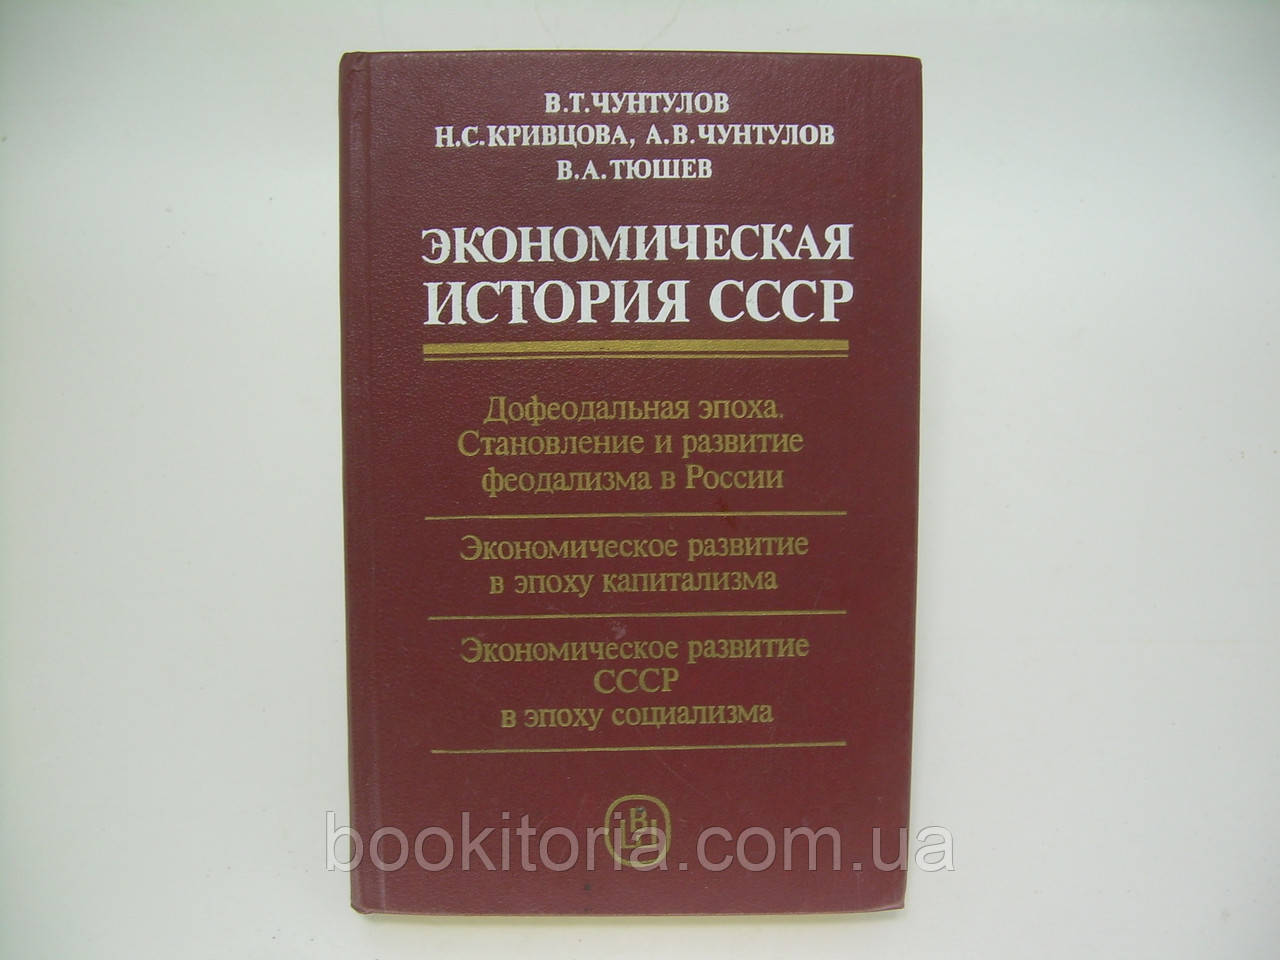 Чунтулов В.Т. и др. Экономическая история СССР (б/у).